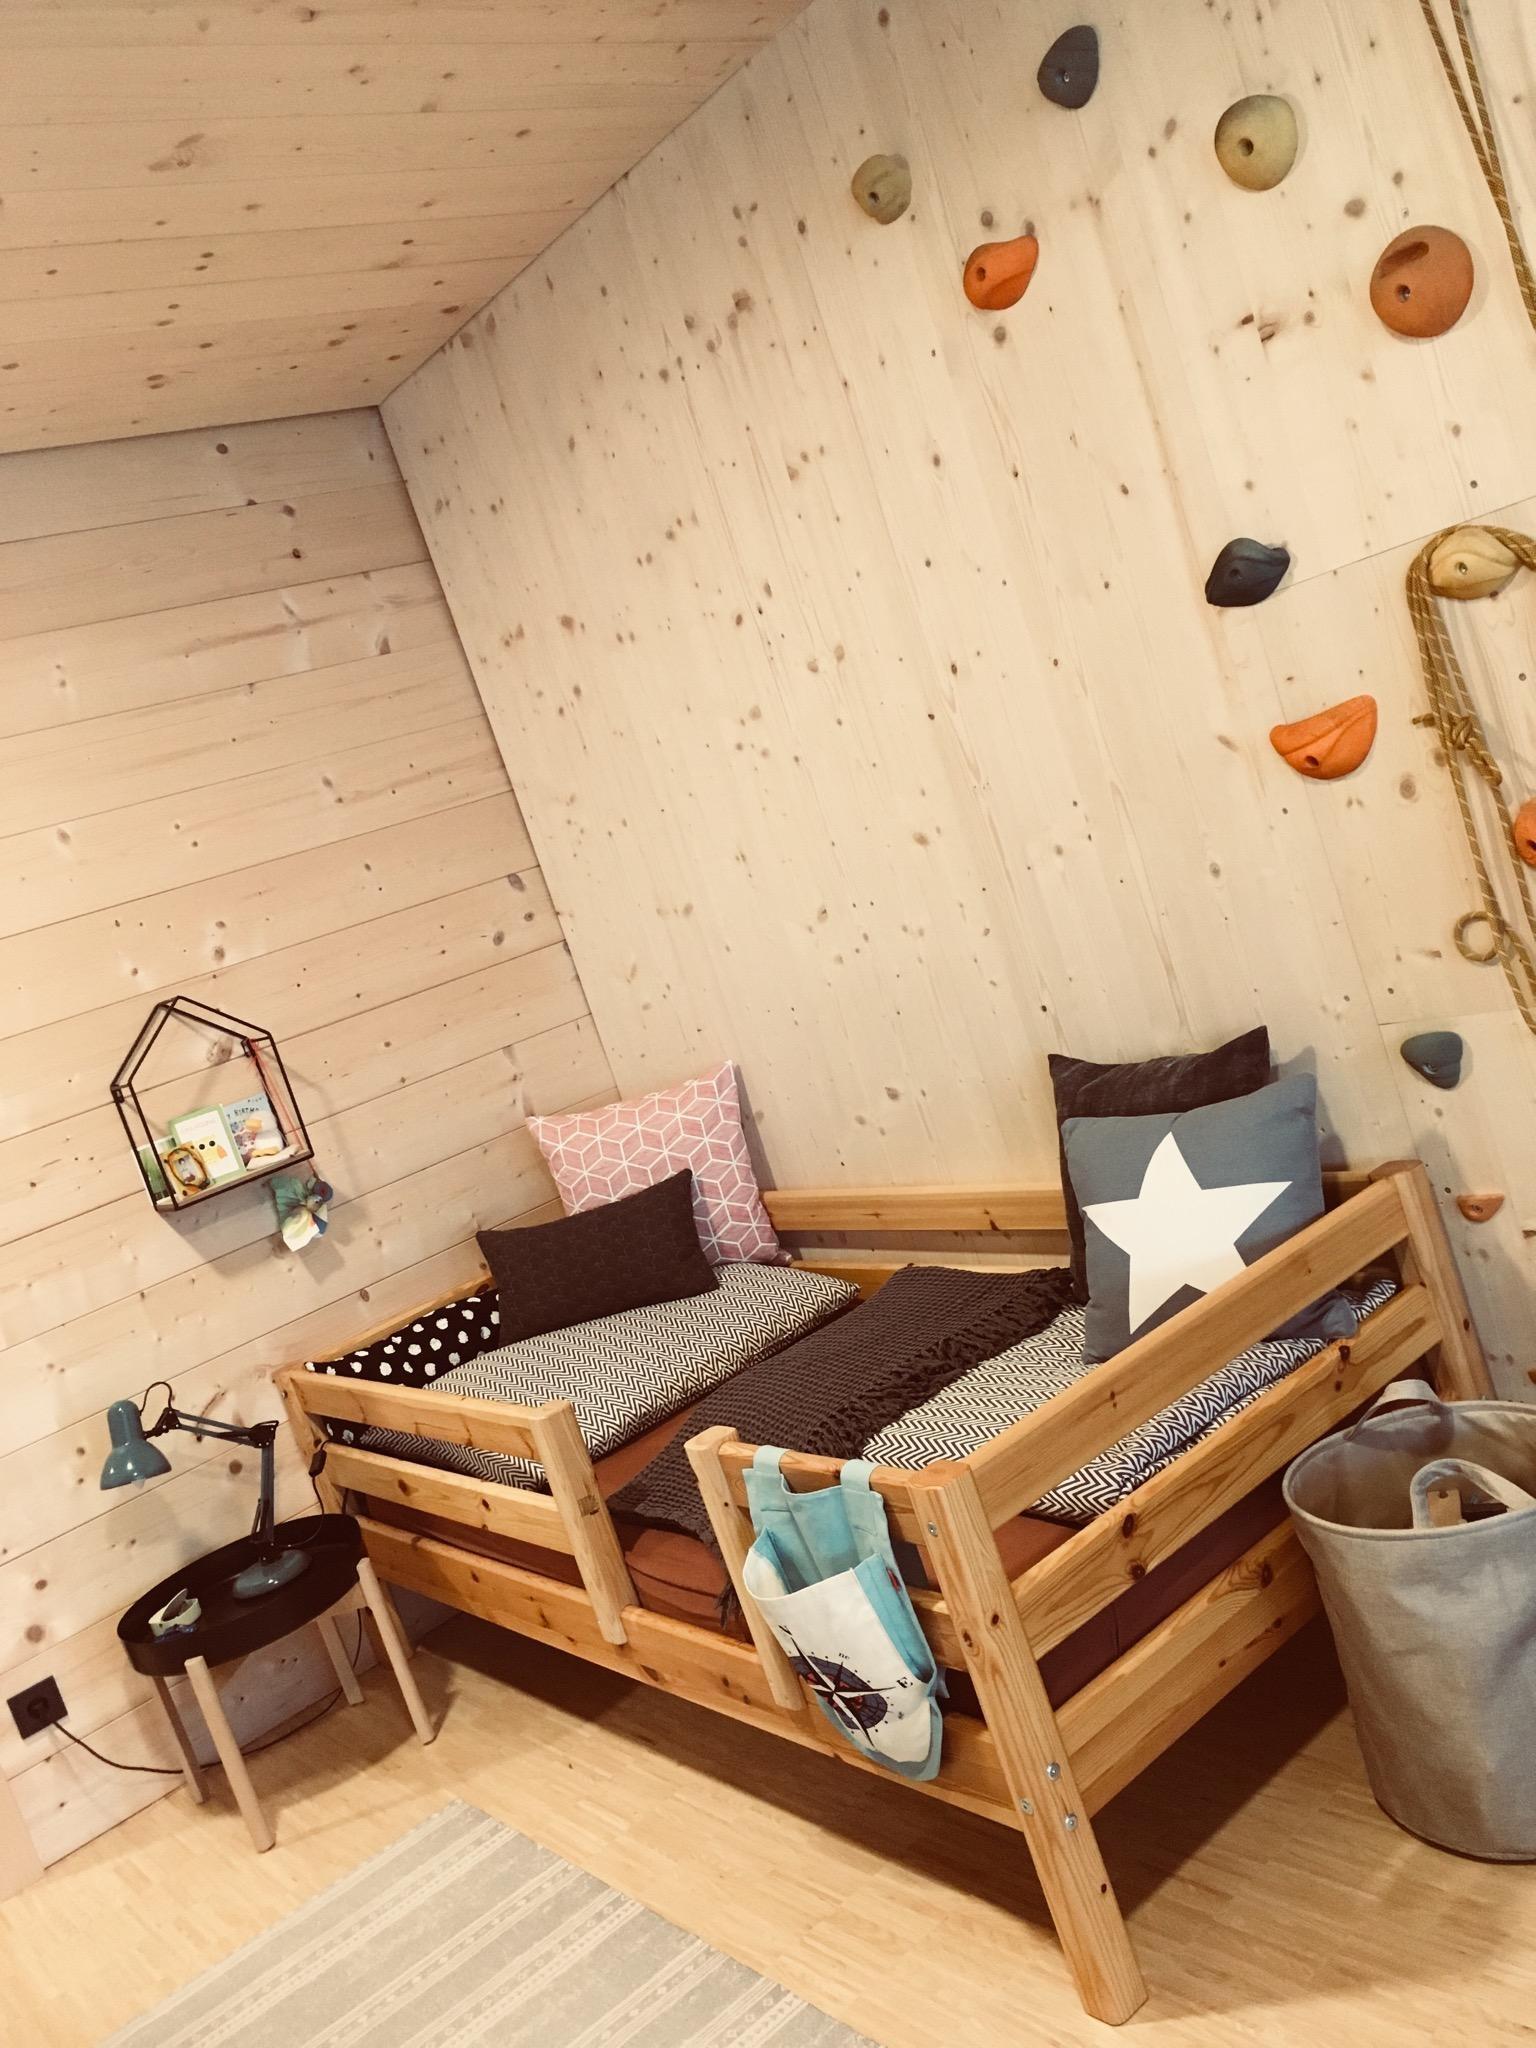 Kinderzimmer gem tlich einrichten so geht 39 s - Kinderzimmer klettern ...